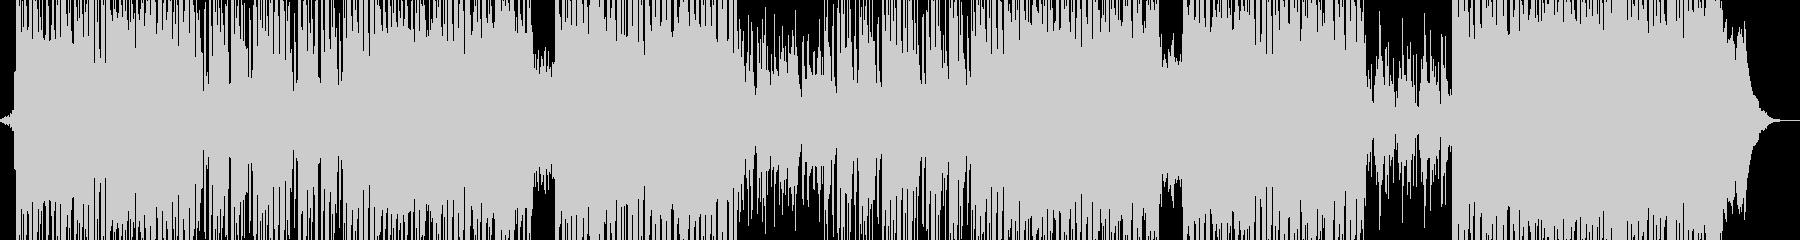 スリラーシンセ・疾走ビート ギター有の未再生の波形